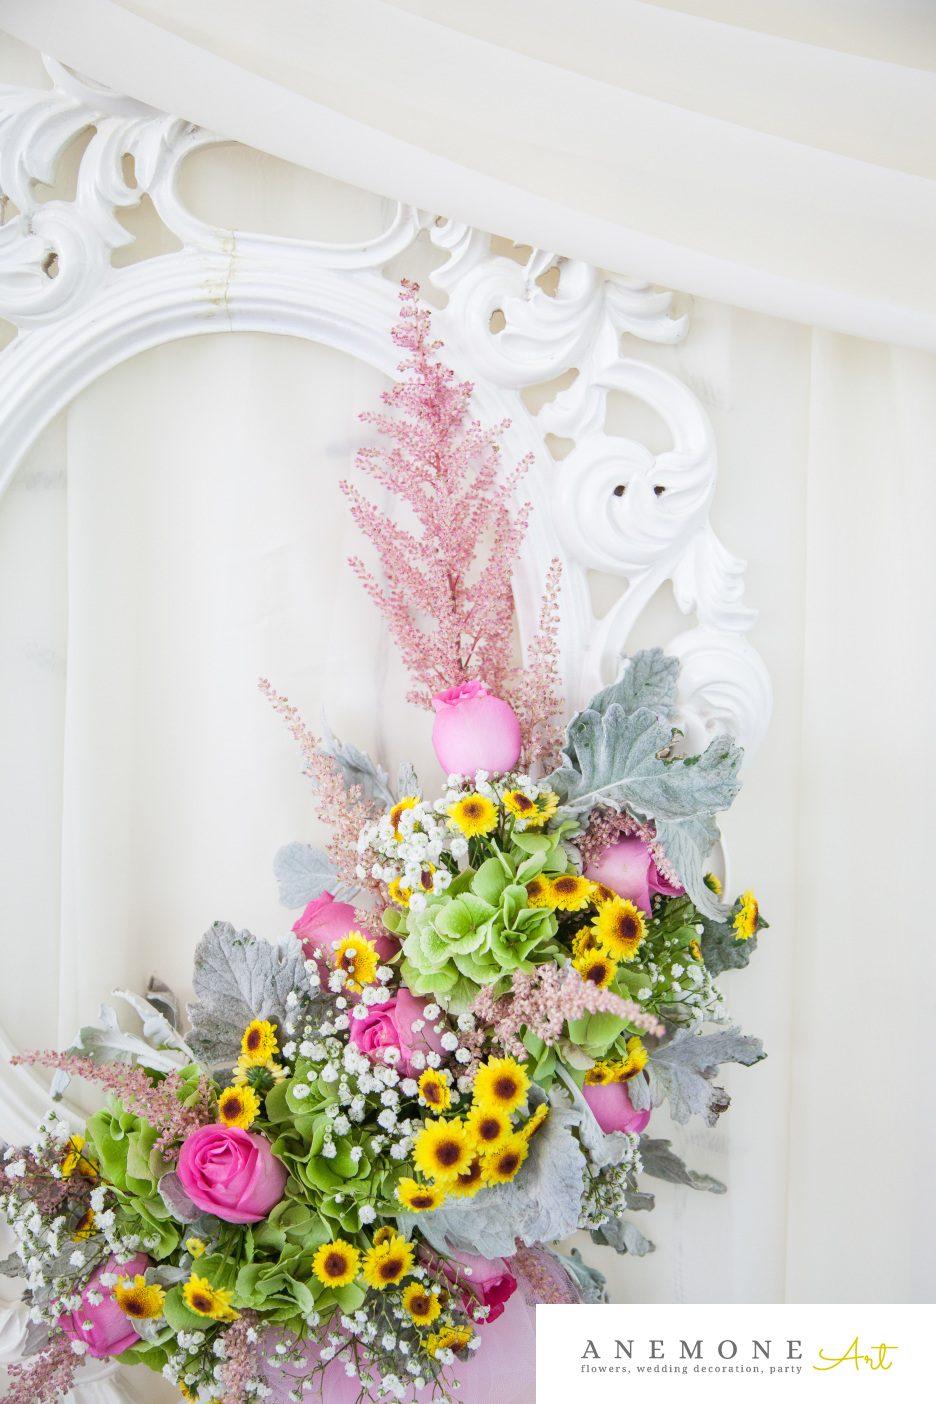 Poza, foto cu Flori de nunta decor rama, floarea soarelui, prezidiu, roz in Arad, Timisoara, Oradea (wedding flowers, bouquets) nunta Arad, Timisoara, Oradea